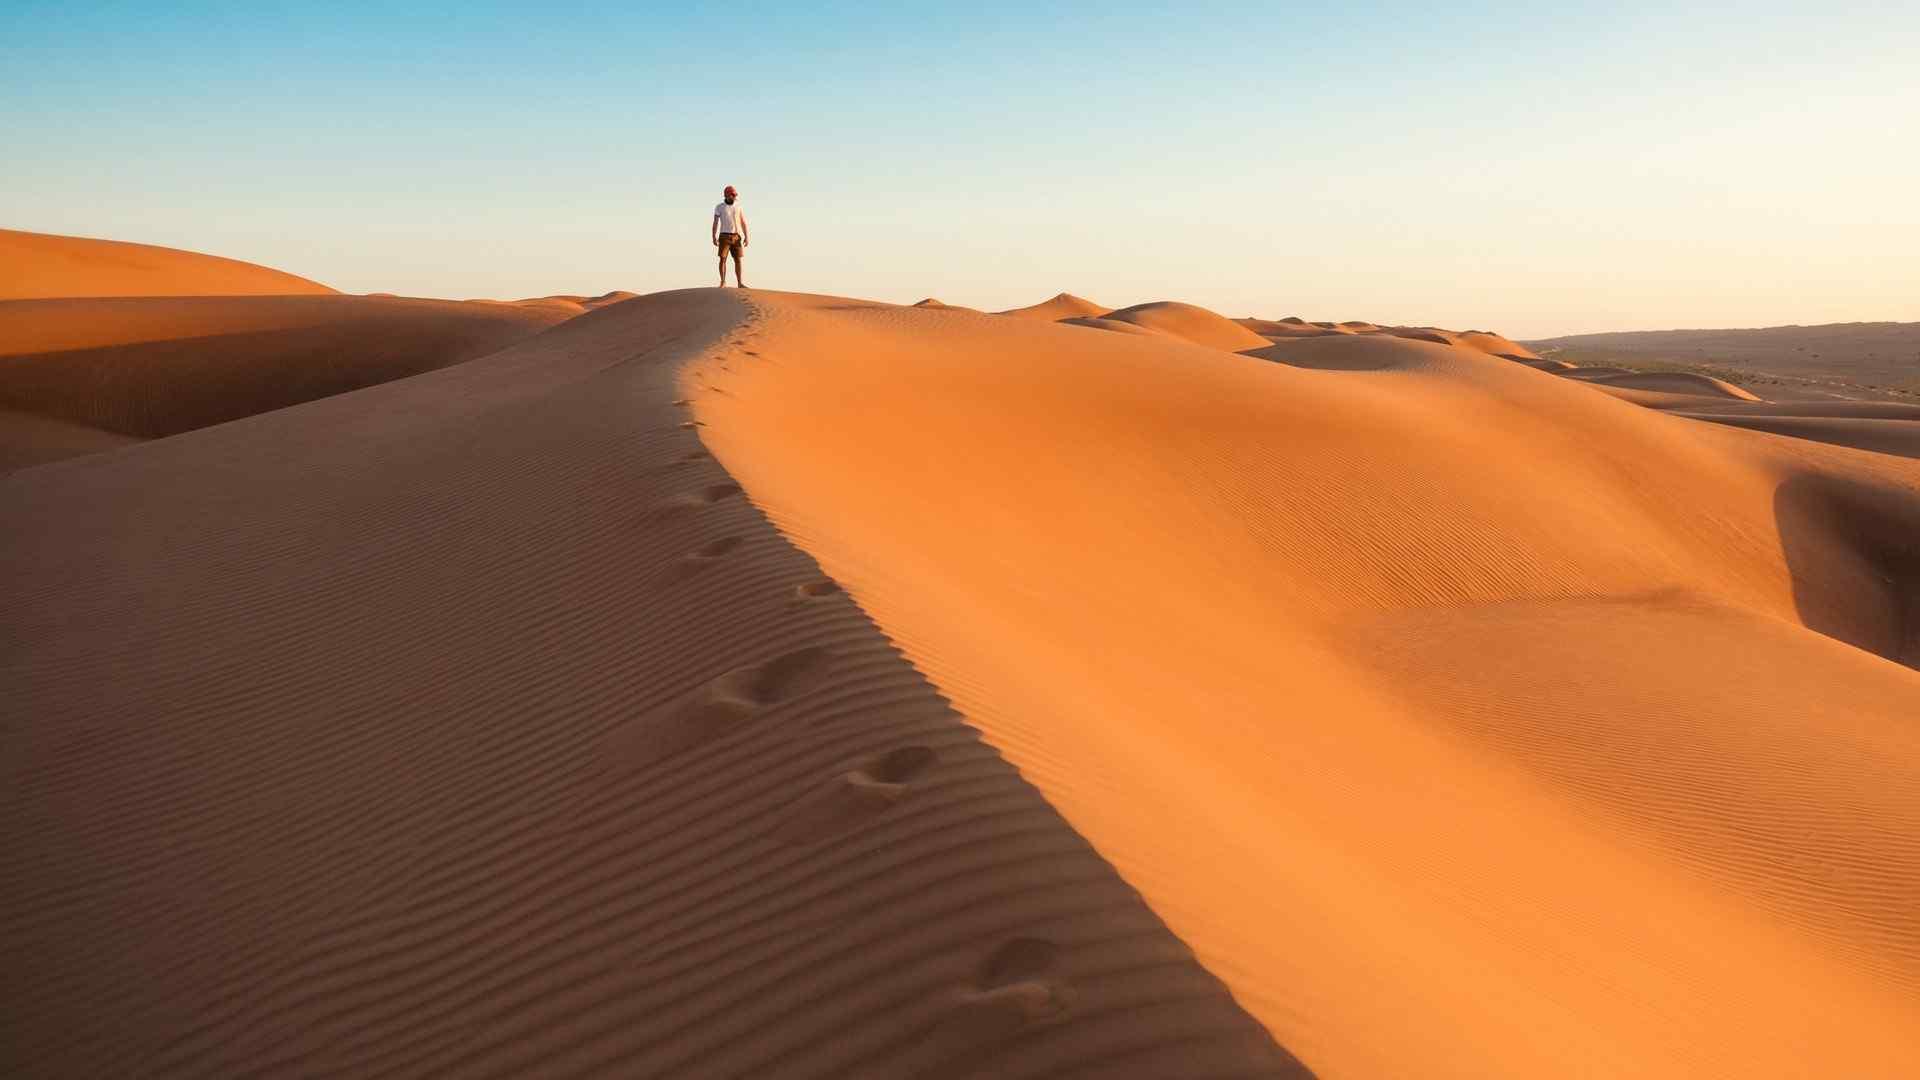 苍茫荒凉沙漠高清桌面壁纸